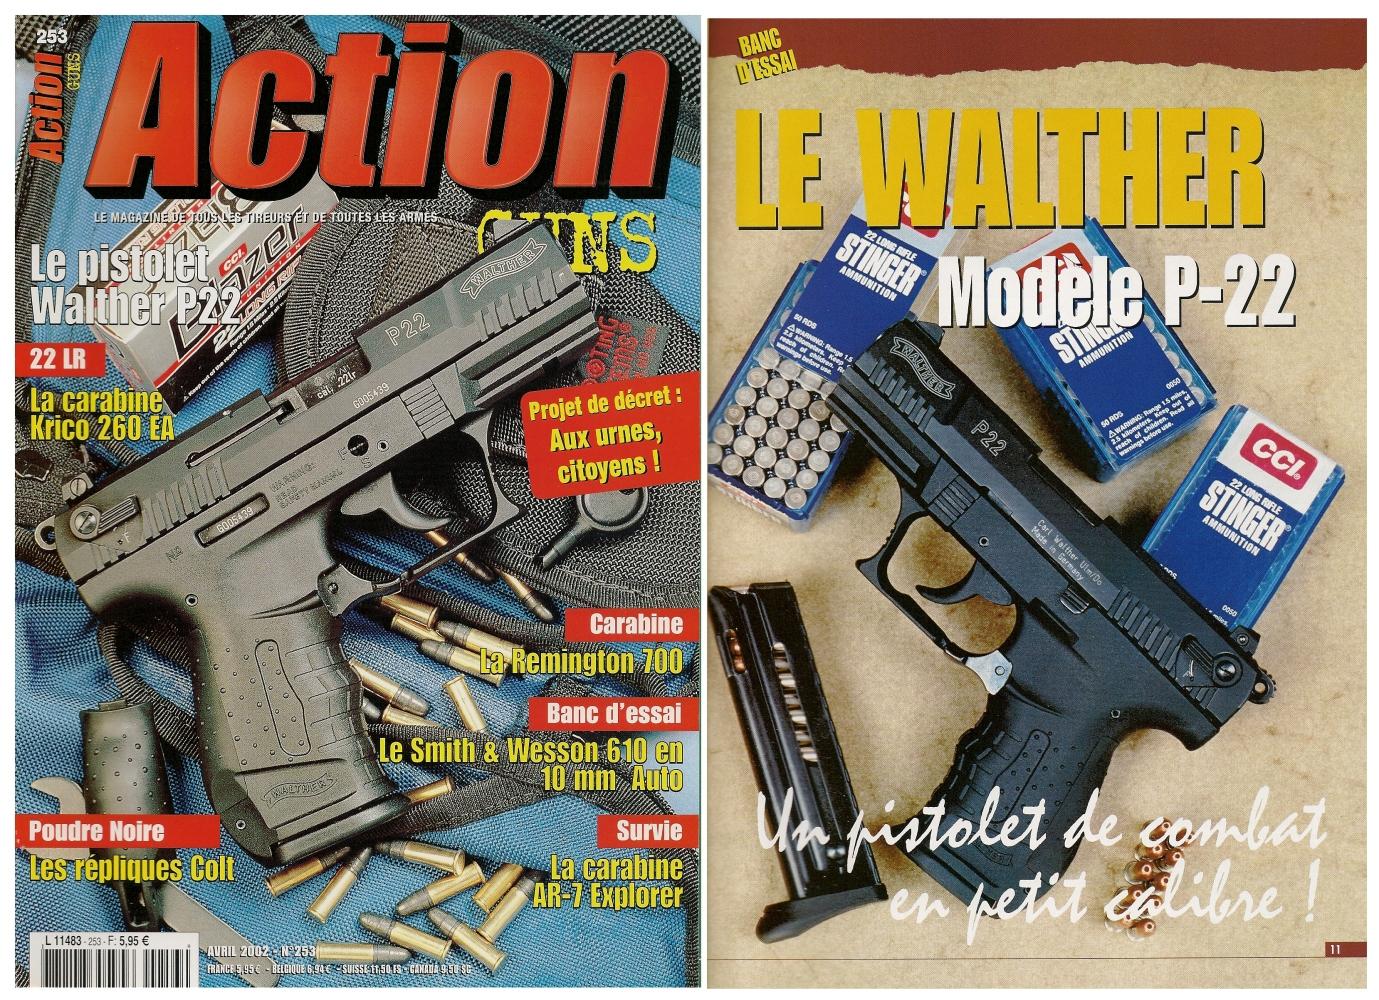 Le banc d'essai du Walther P-22 a été publié sur 8 pages dans le magazine Action Guns n°253 (avril 2002).